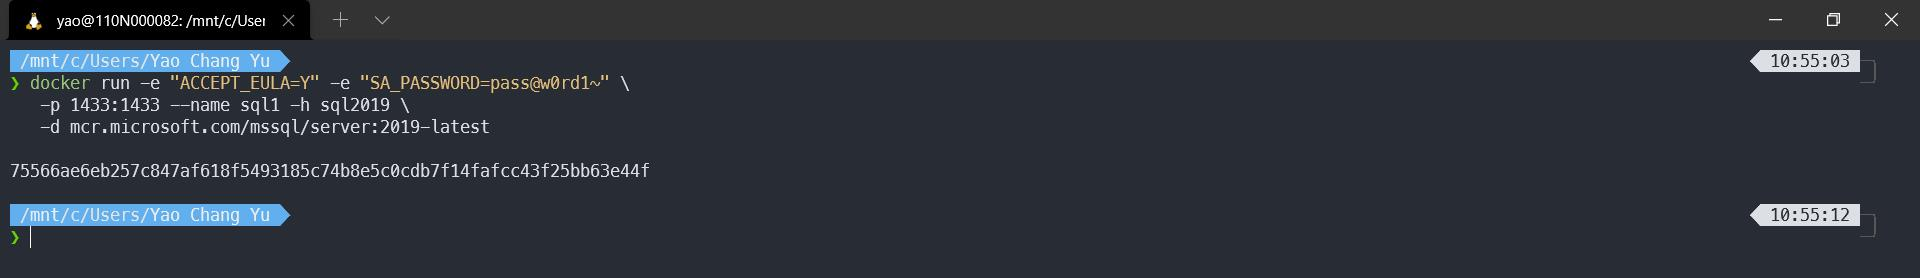 o  x  ) docker run -e —e  —name sqtl —h sqt2019  -p 1433:1433  75566aeoeb257c847af618f5493185c74b8e5cøcdb7f14fafcc43f25bb63e44f